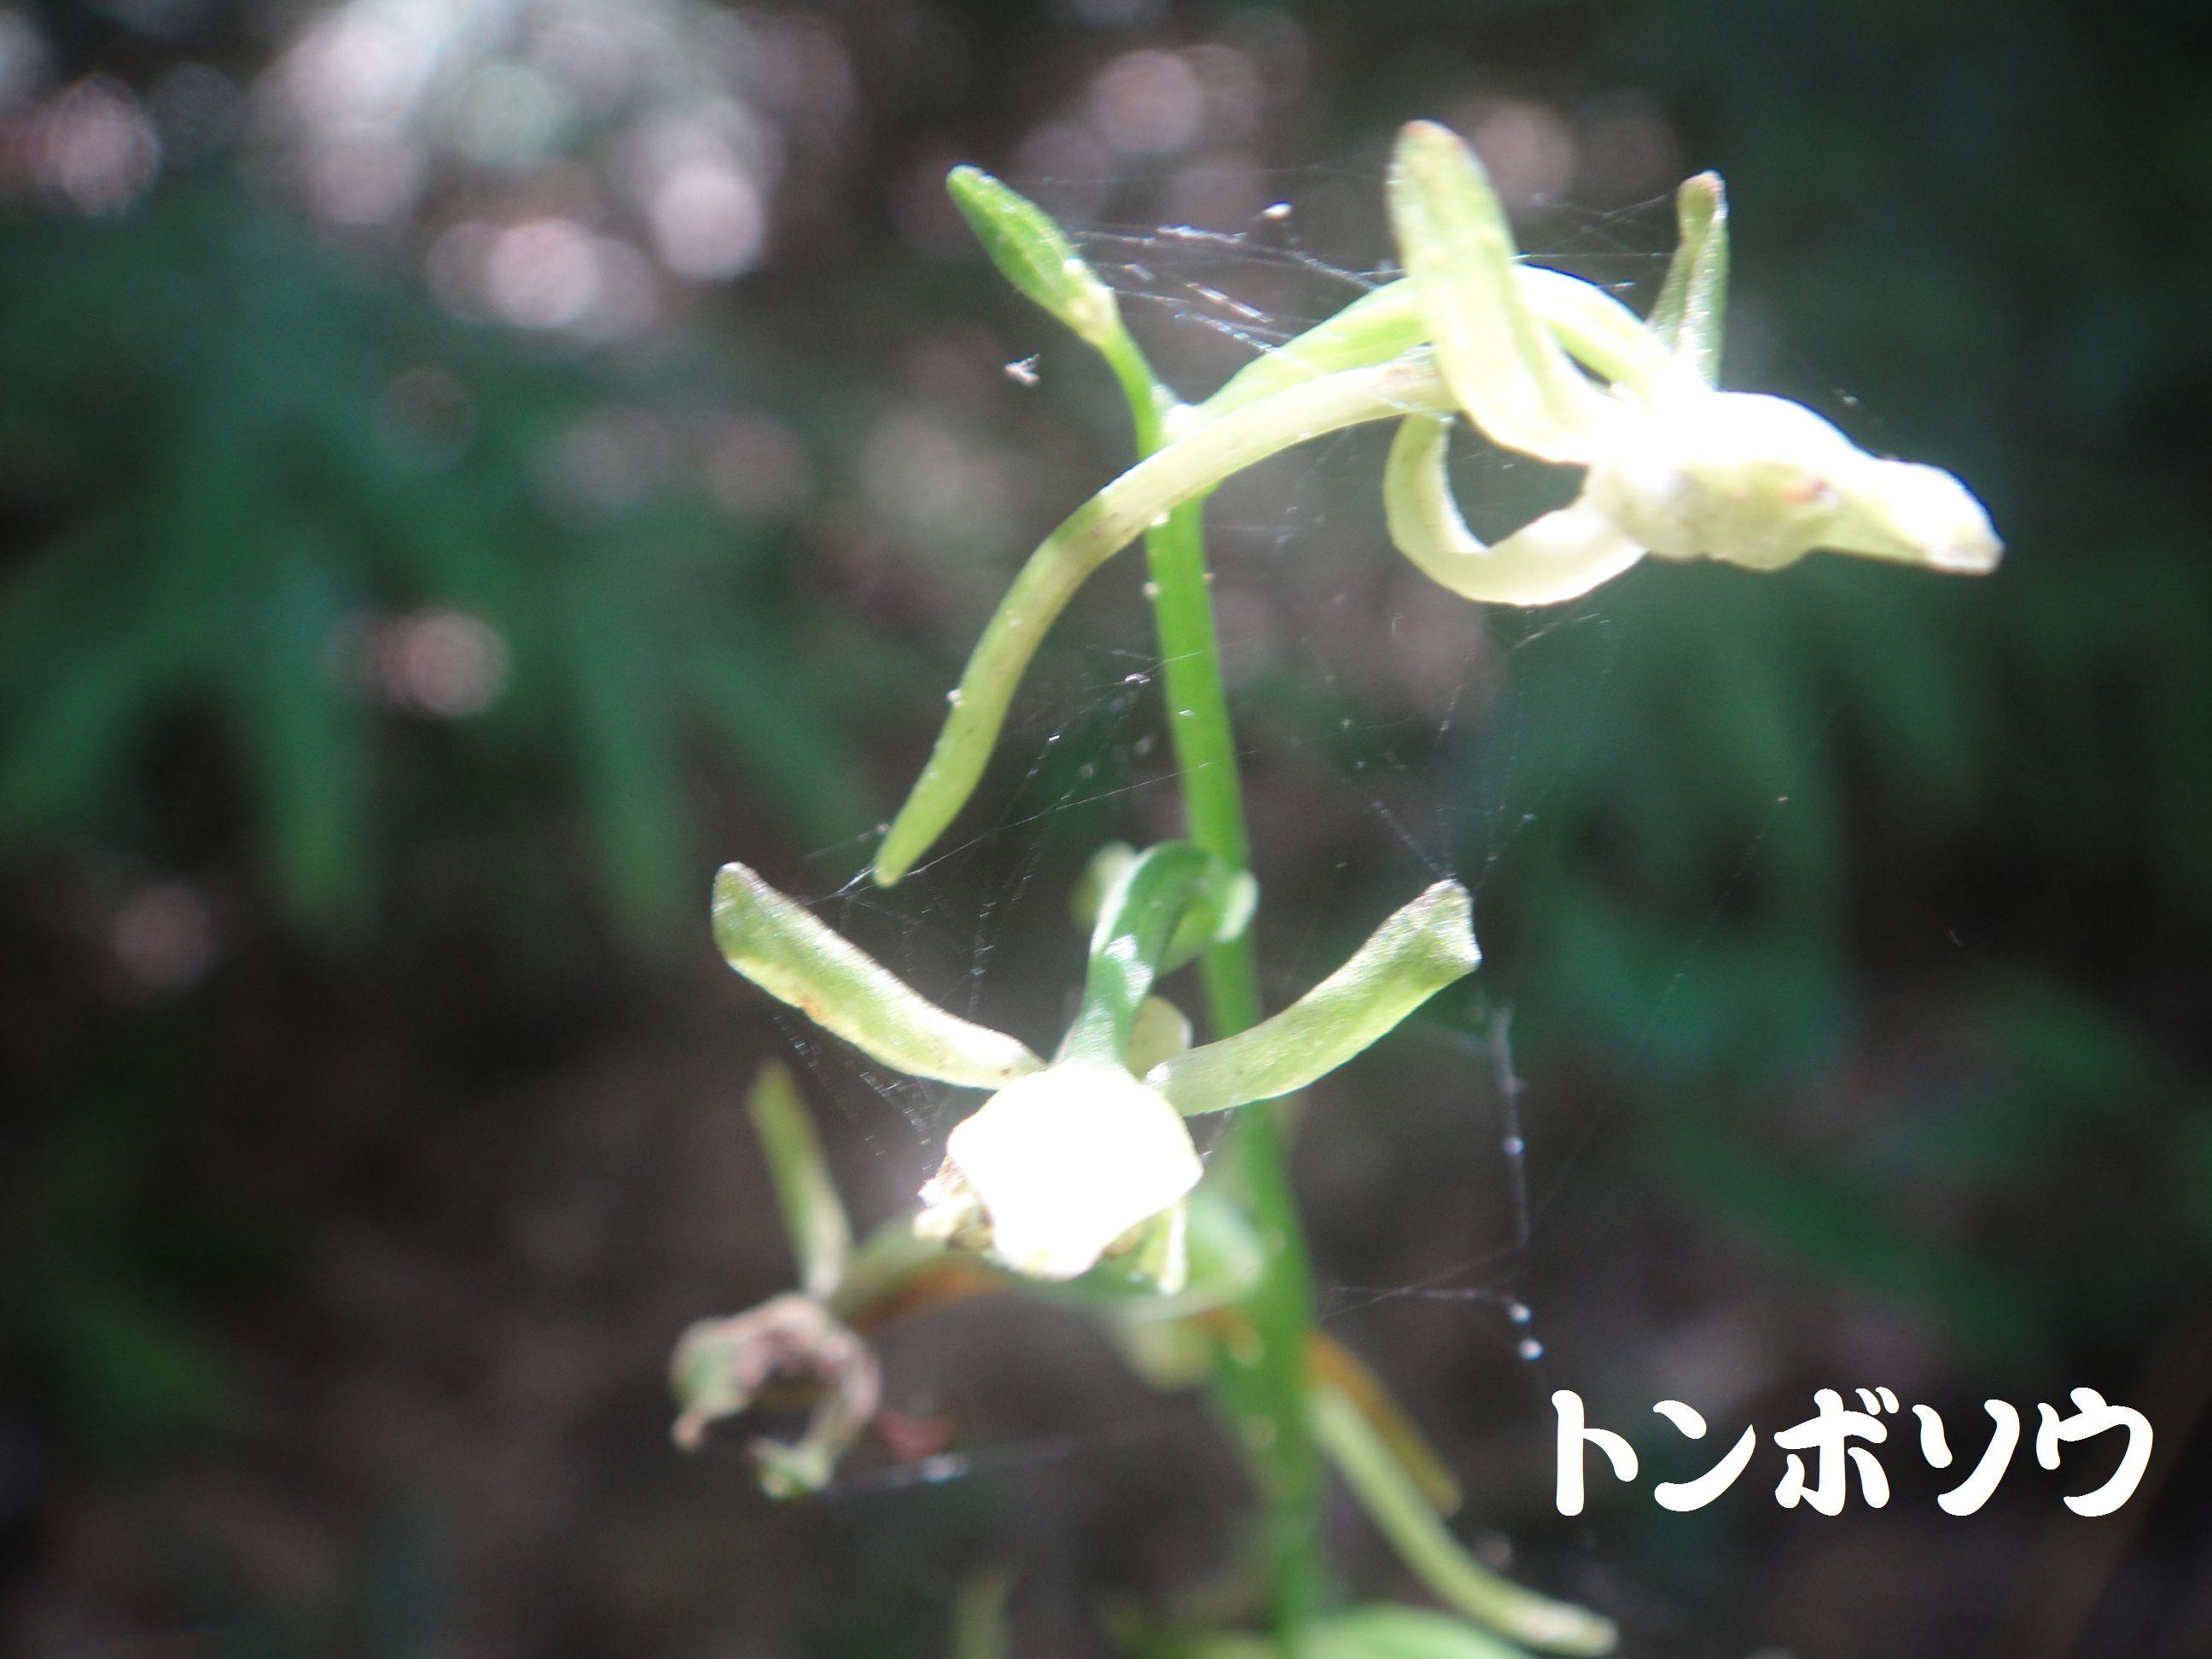 トンボソウとコクランに出会えました in うみべの森を育てる会植物観察     by     (TATE-misaki)_c0108460_17394590.jpg